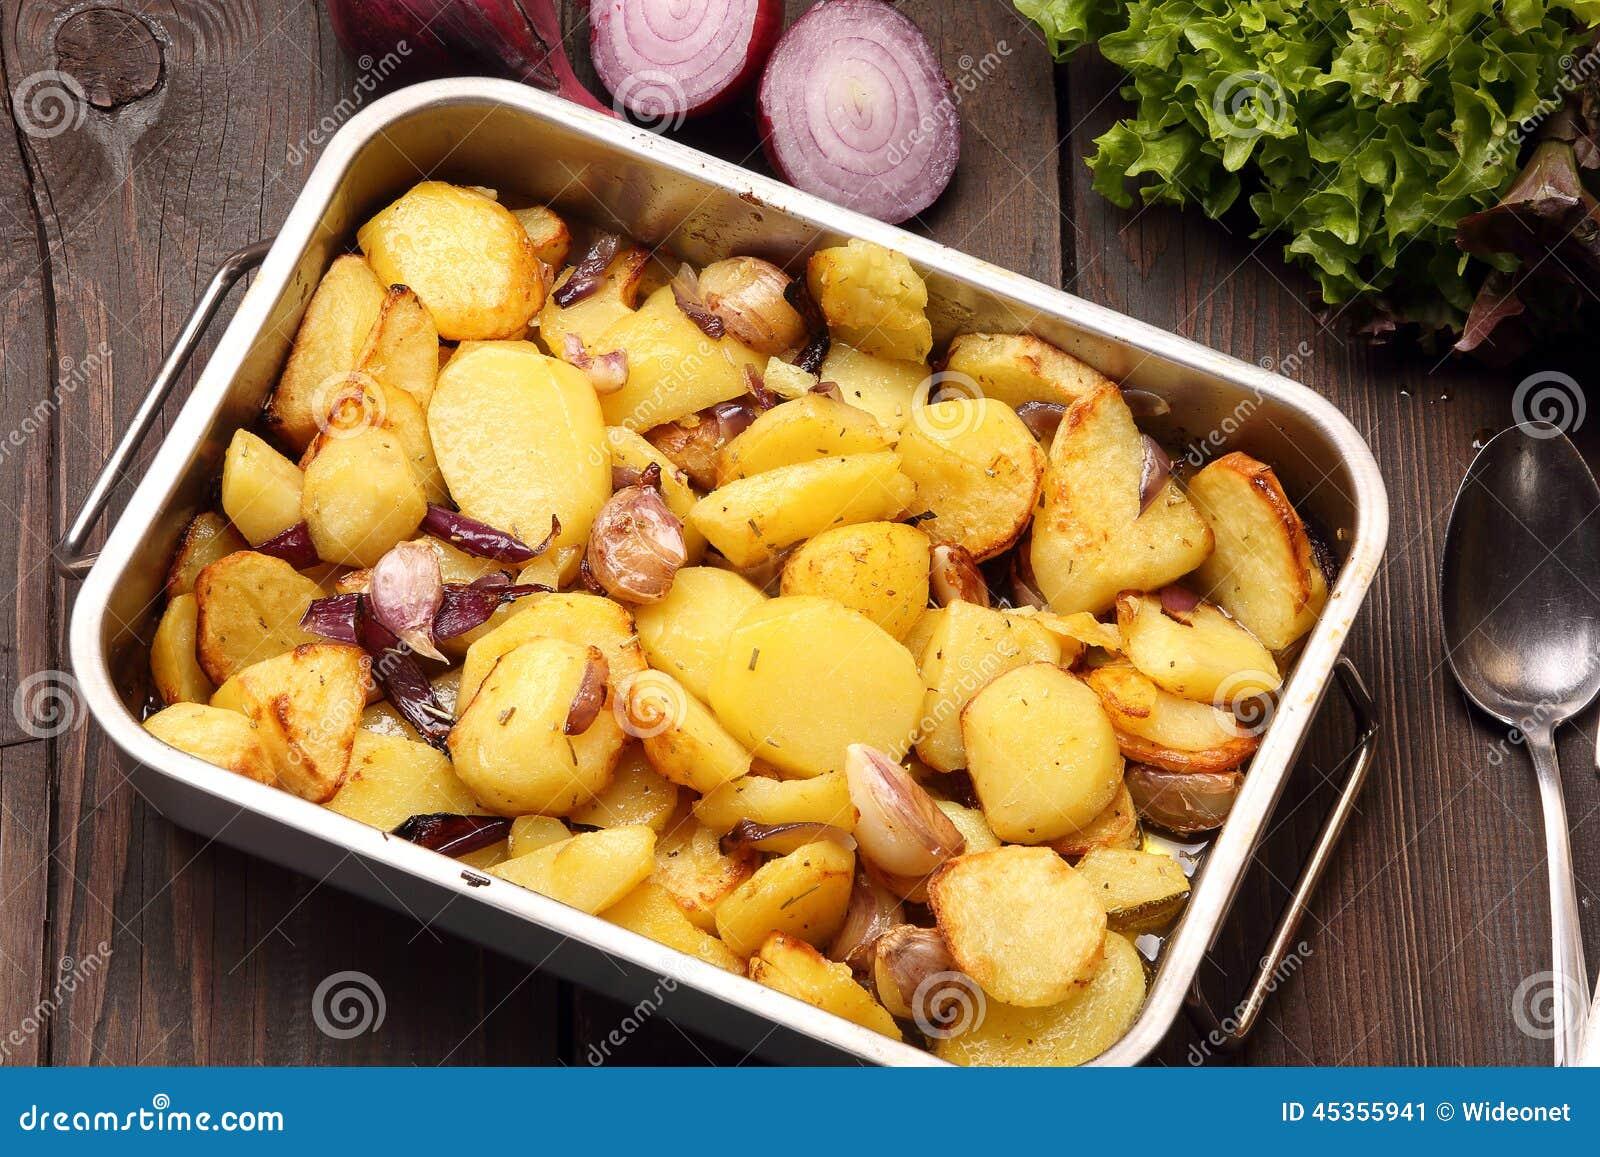 pommes de terre cuites au four dans une casserole de torr faction avec l 39 ail et l 39 oignon photo. Black Bedroom Furniture Sets. Home Design Ideas